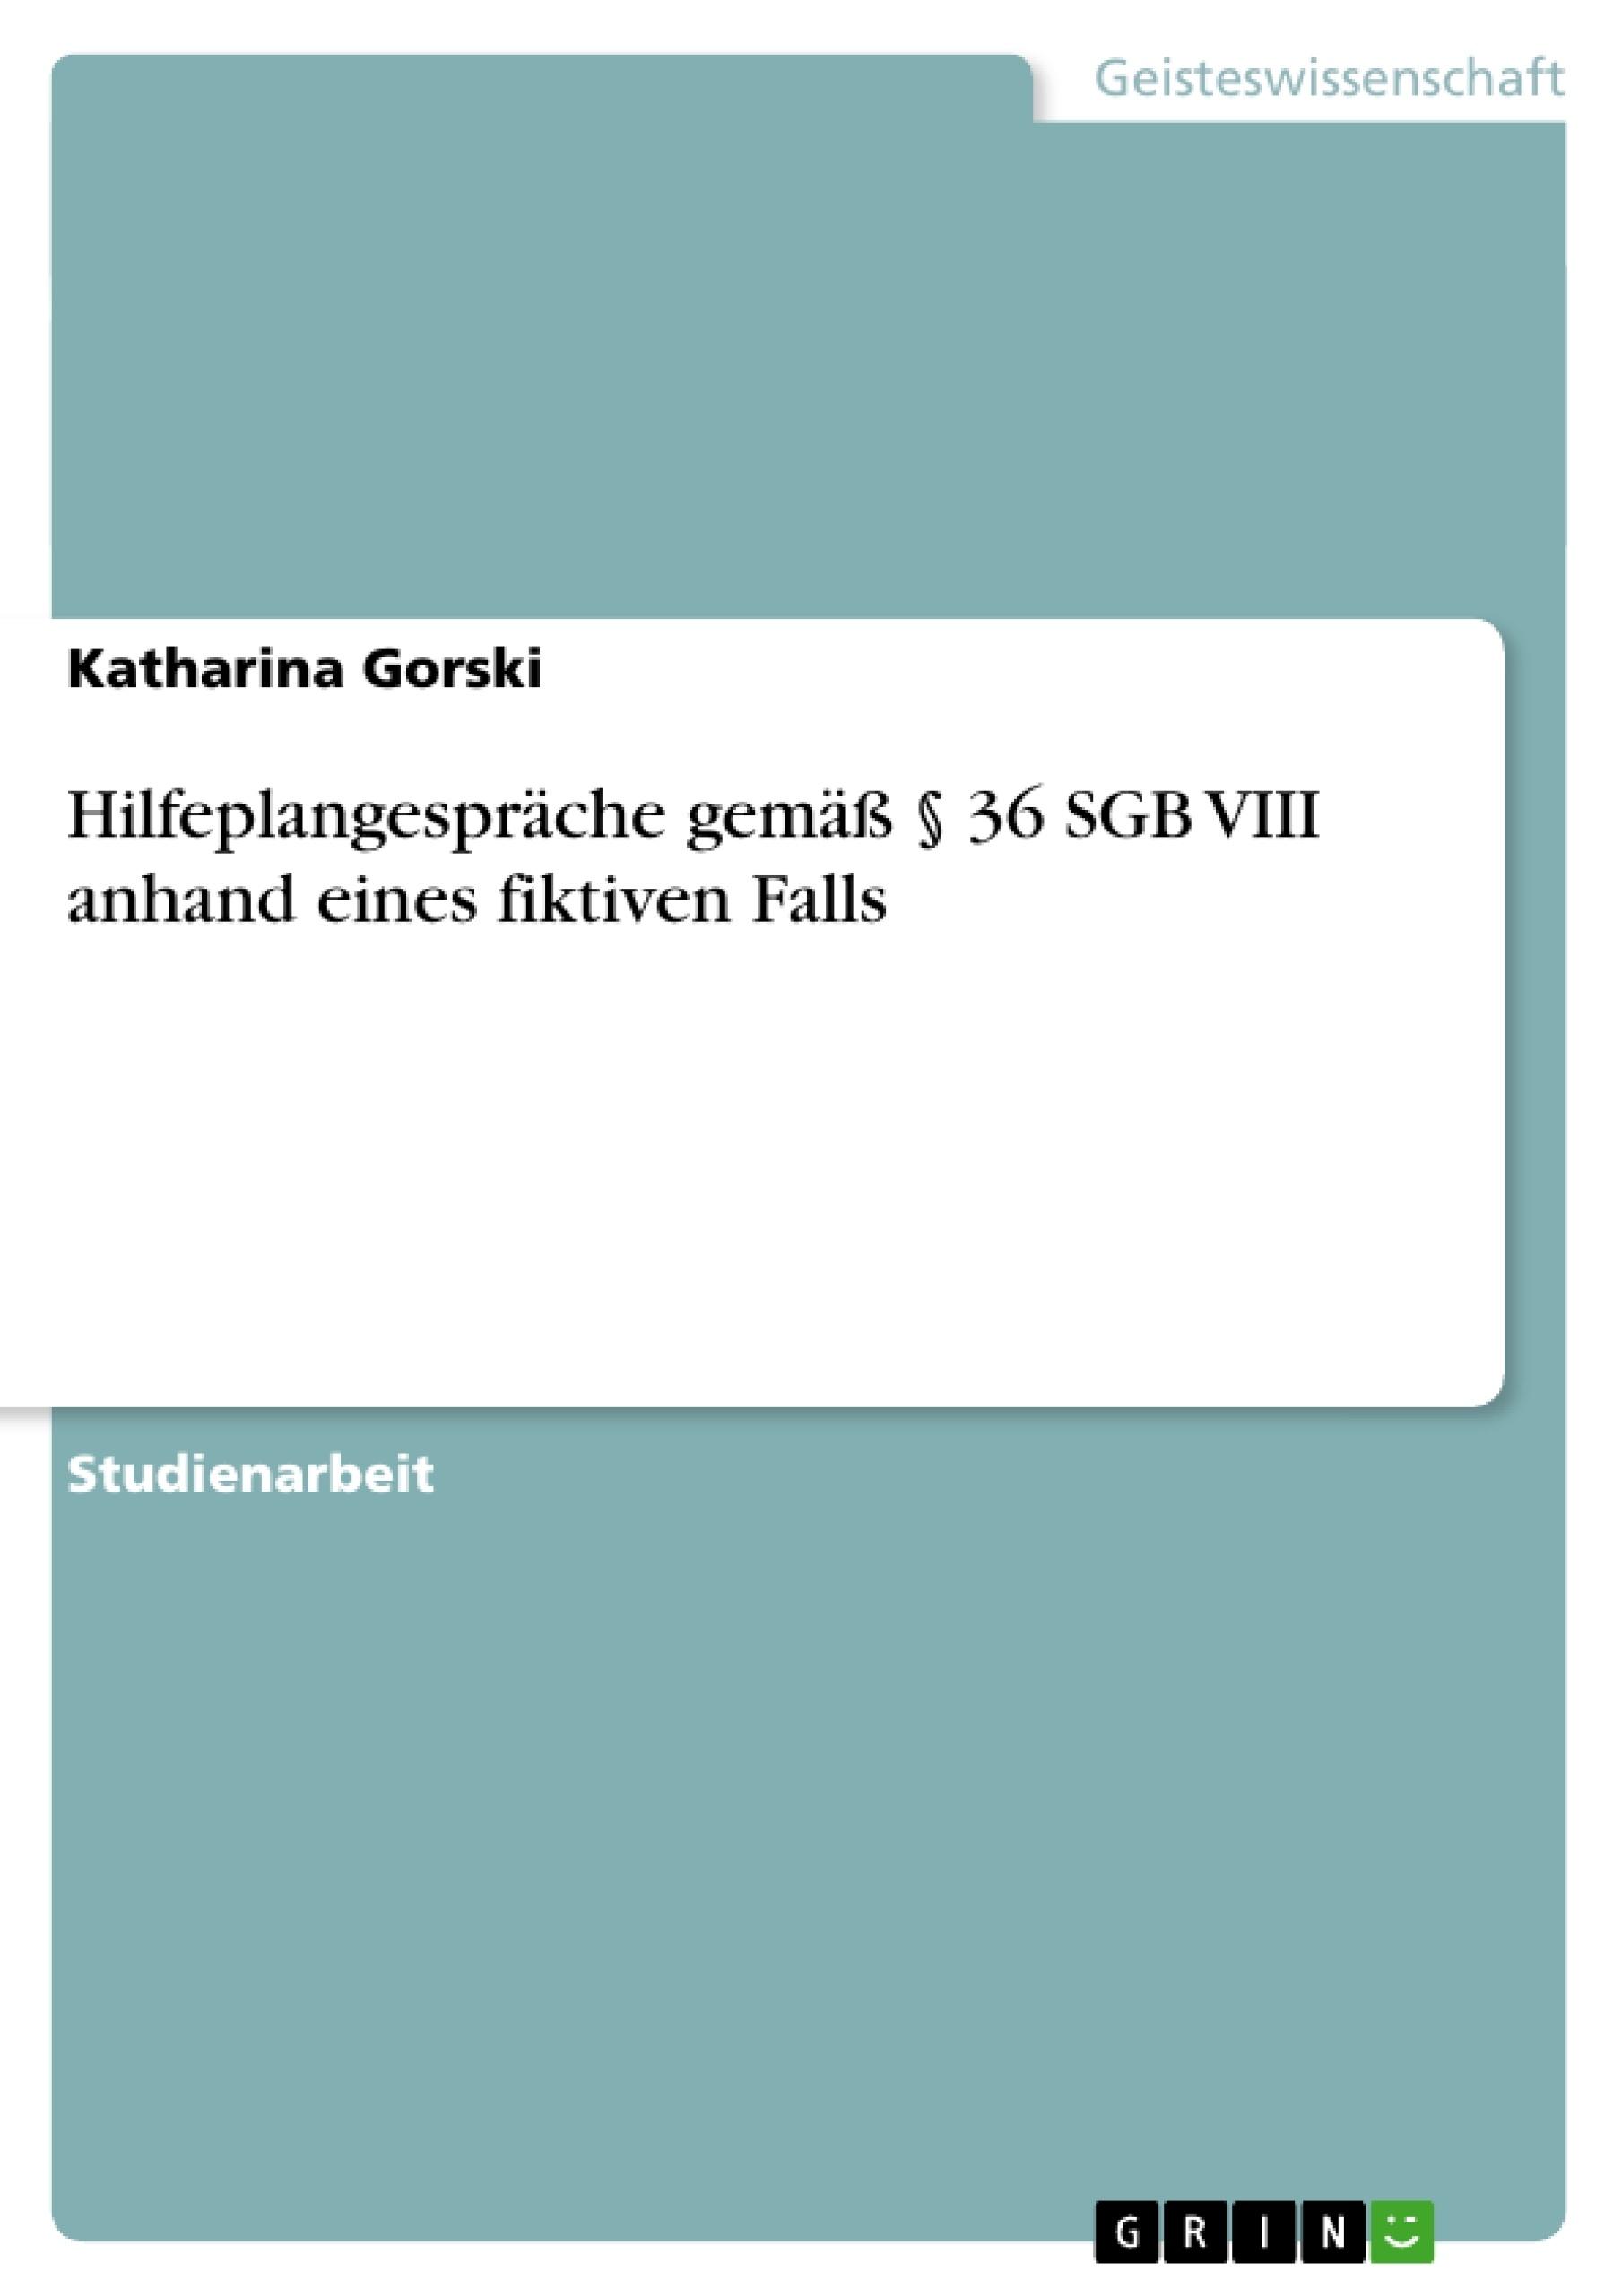 Titel: Hilfeplangespräche gemäß § 36 SGB VIII anhand eines fiktiven Falls